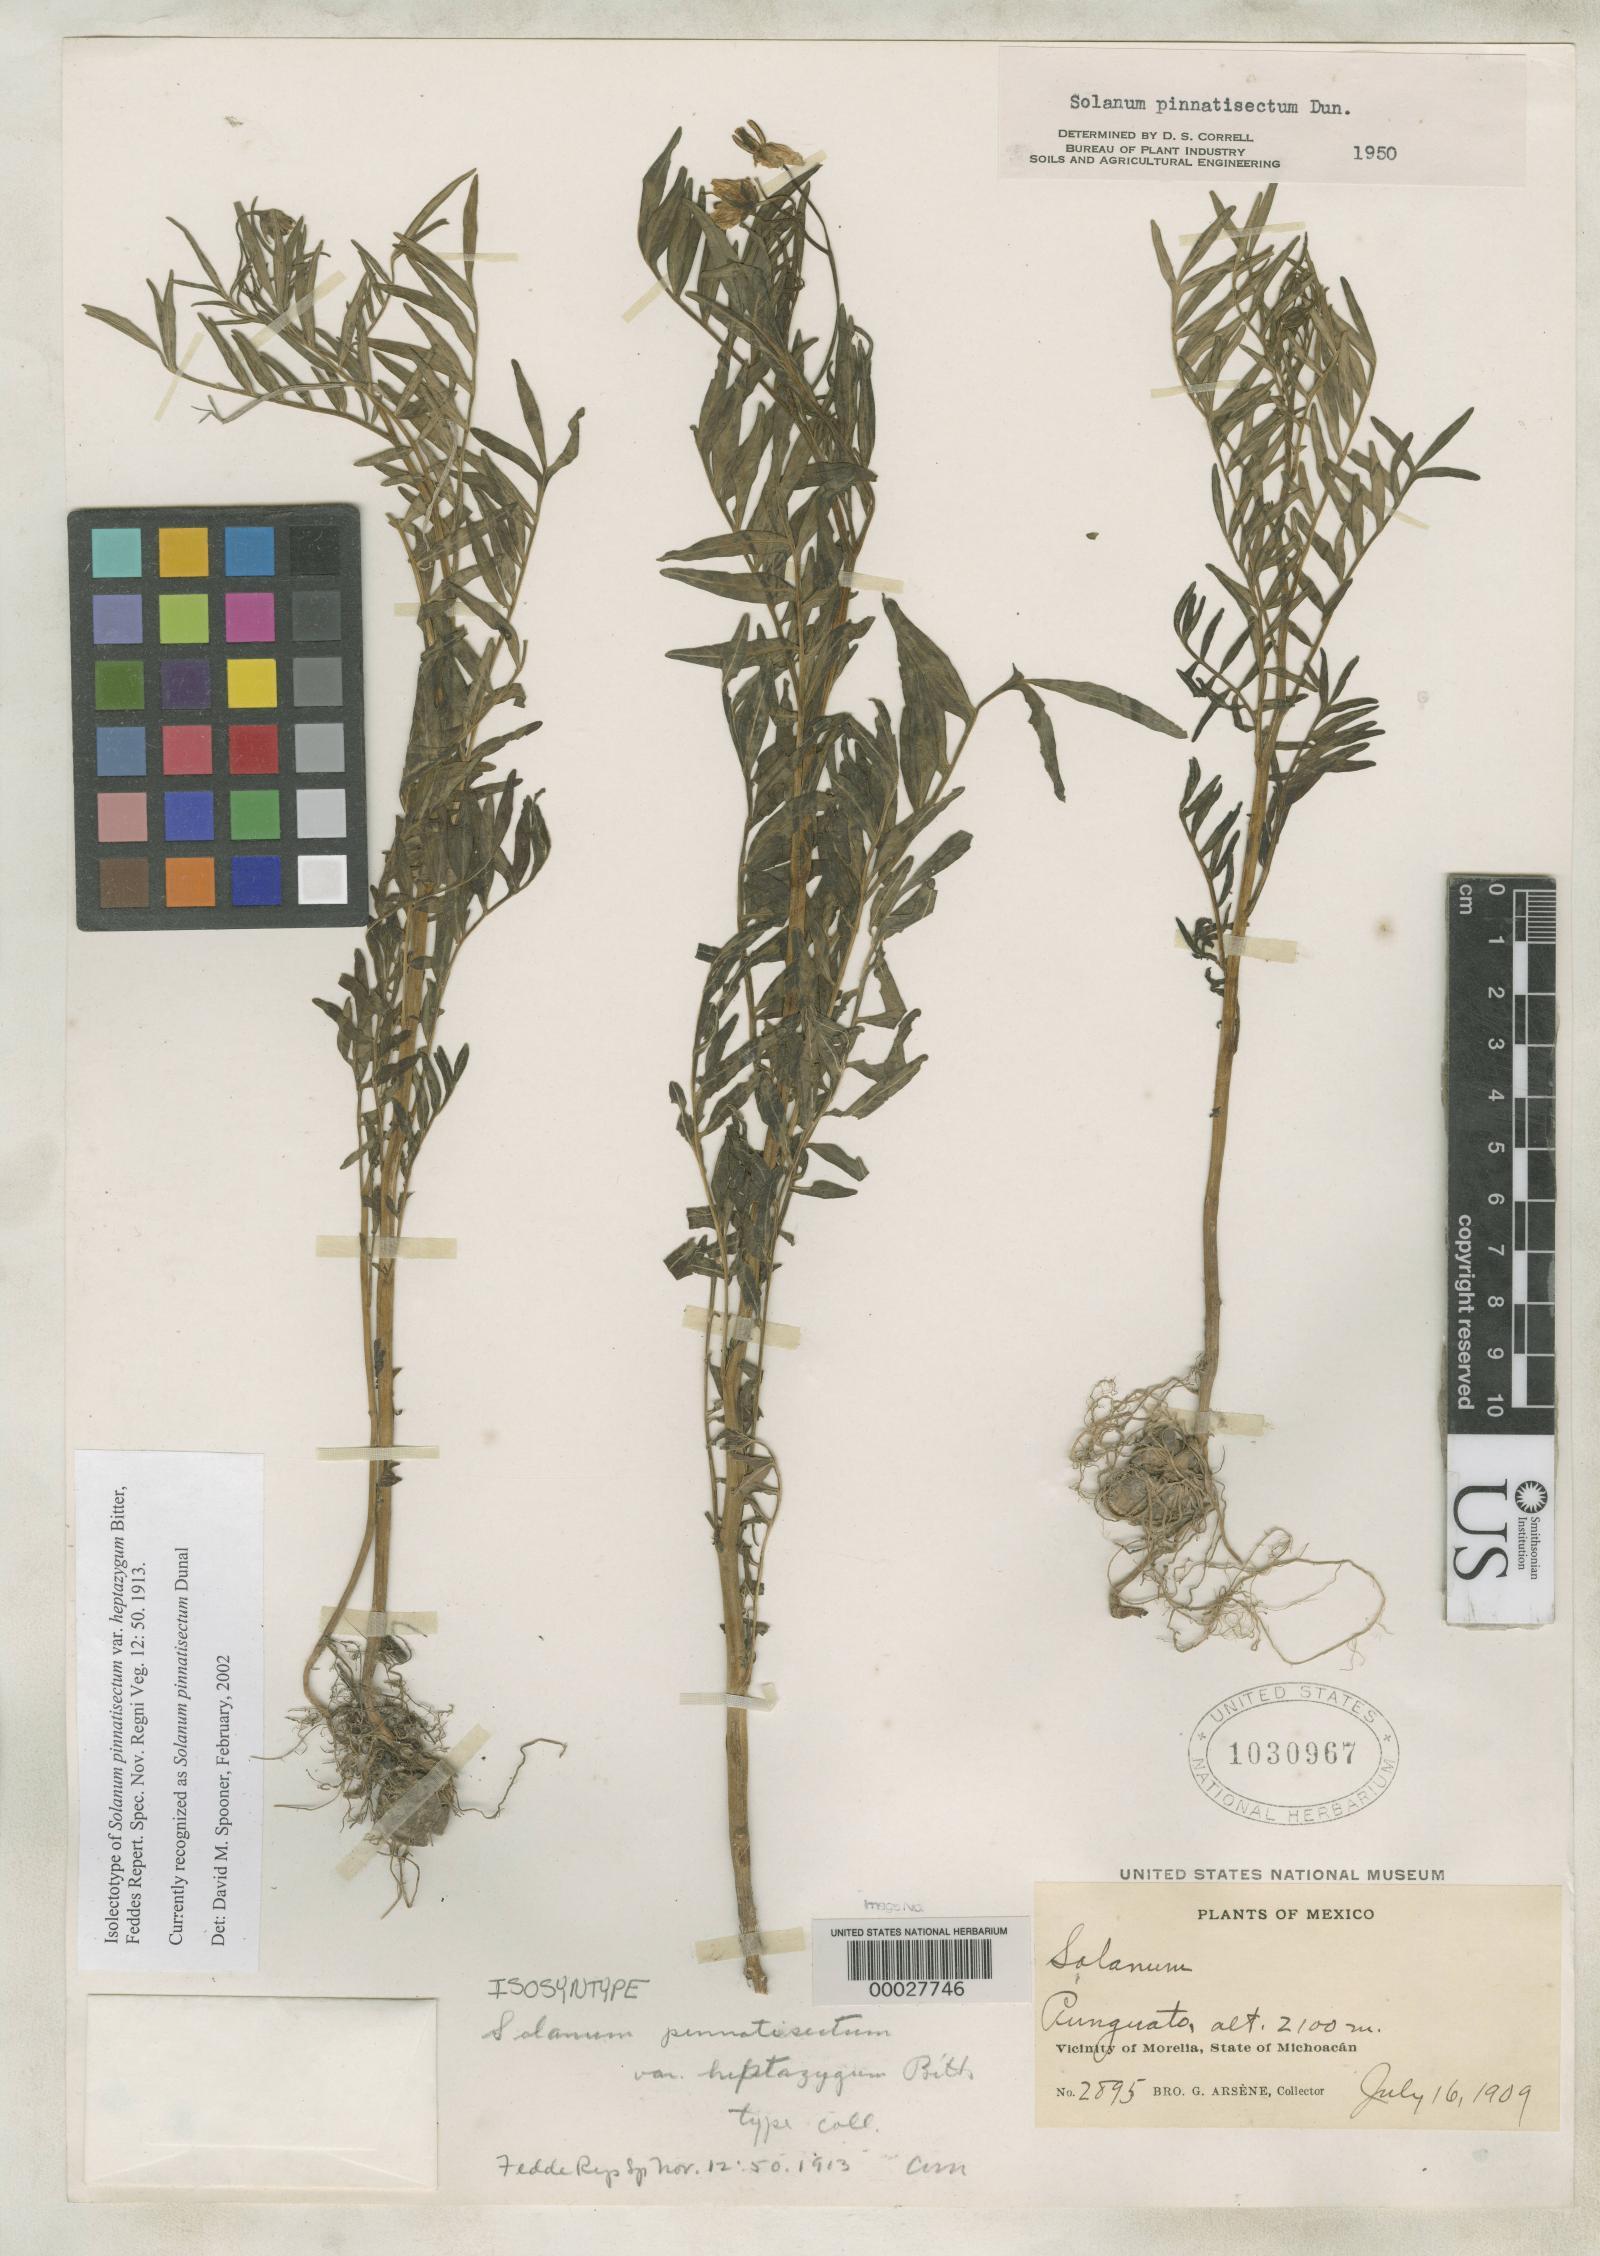 Solanum pinnatisectum image